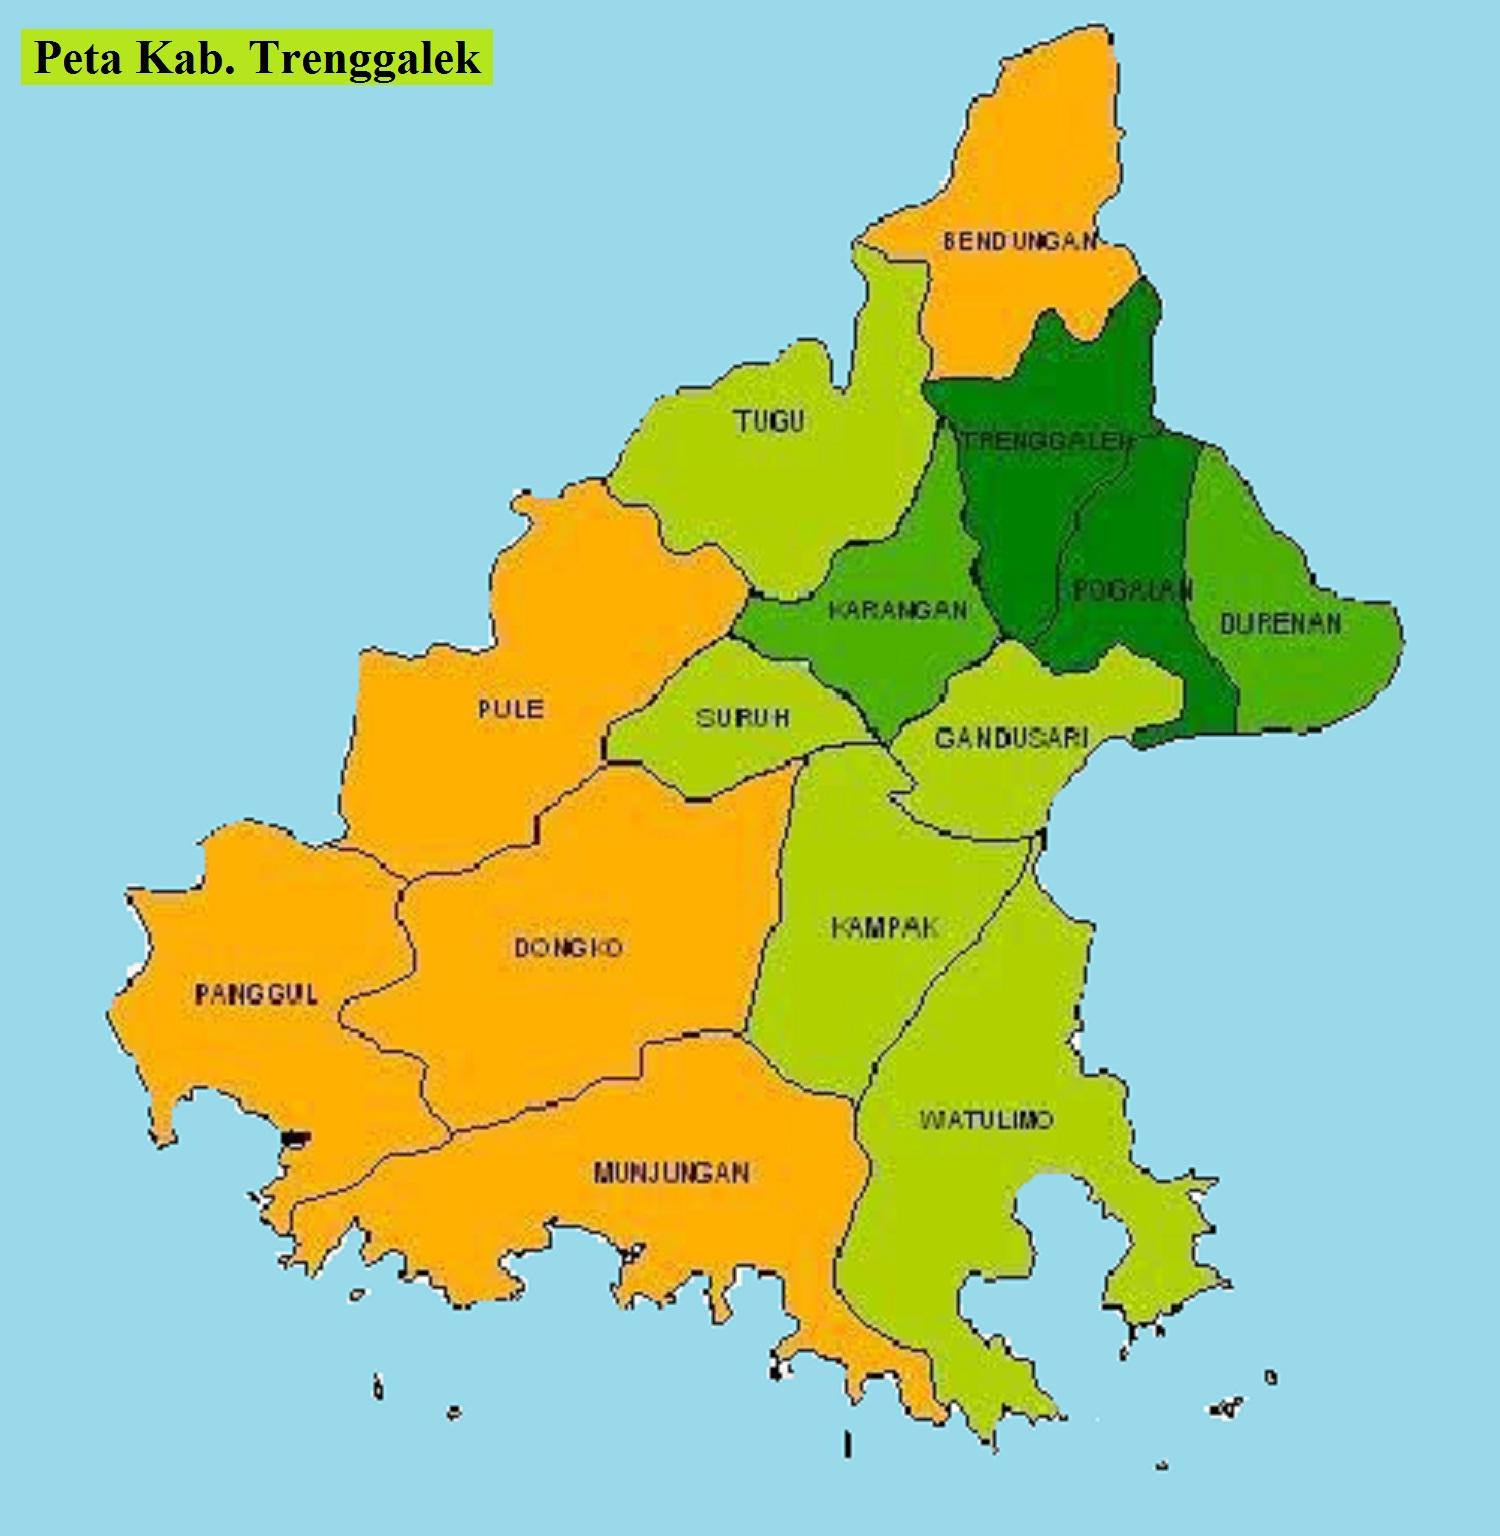 Peta Kabupaten Trenggalek